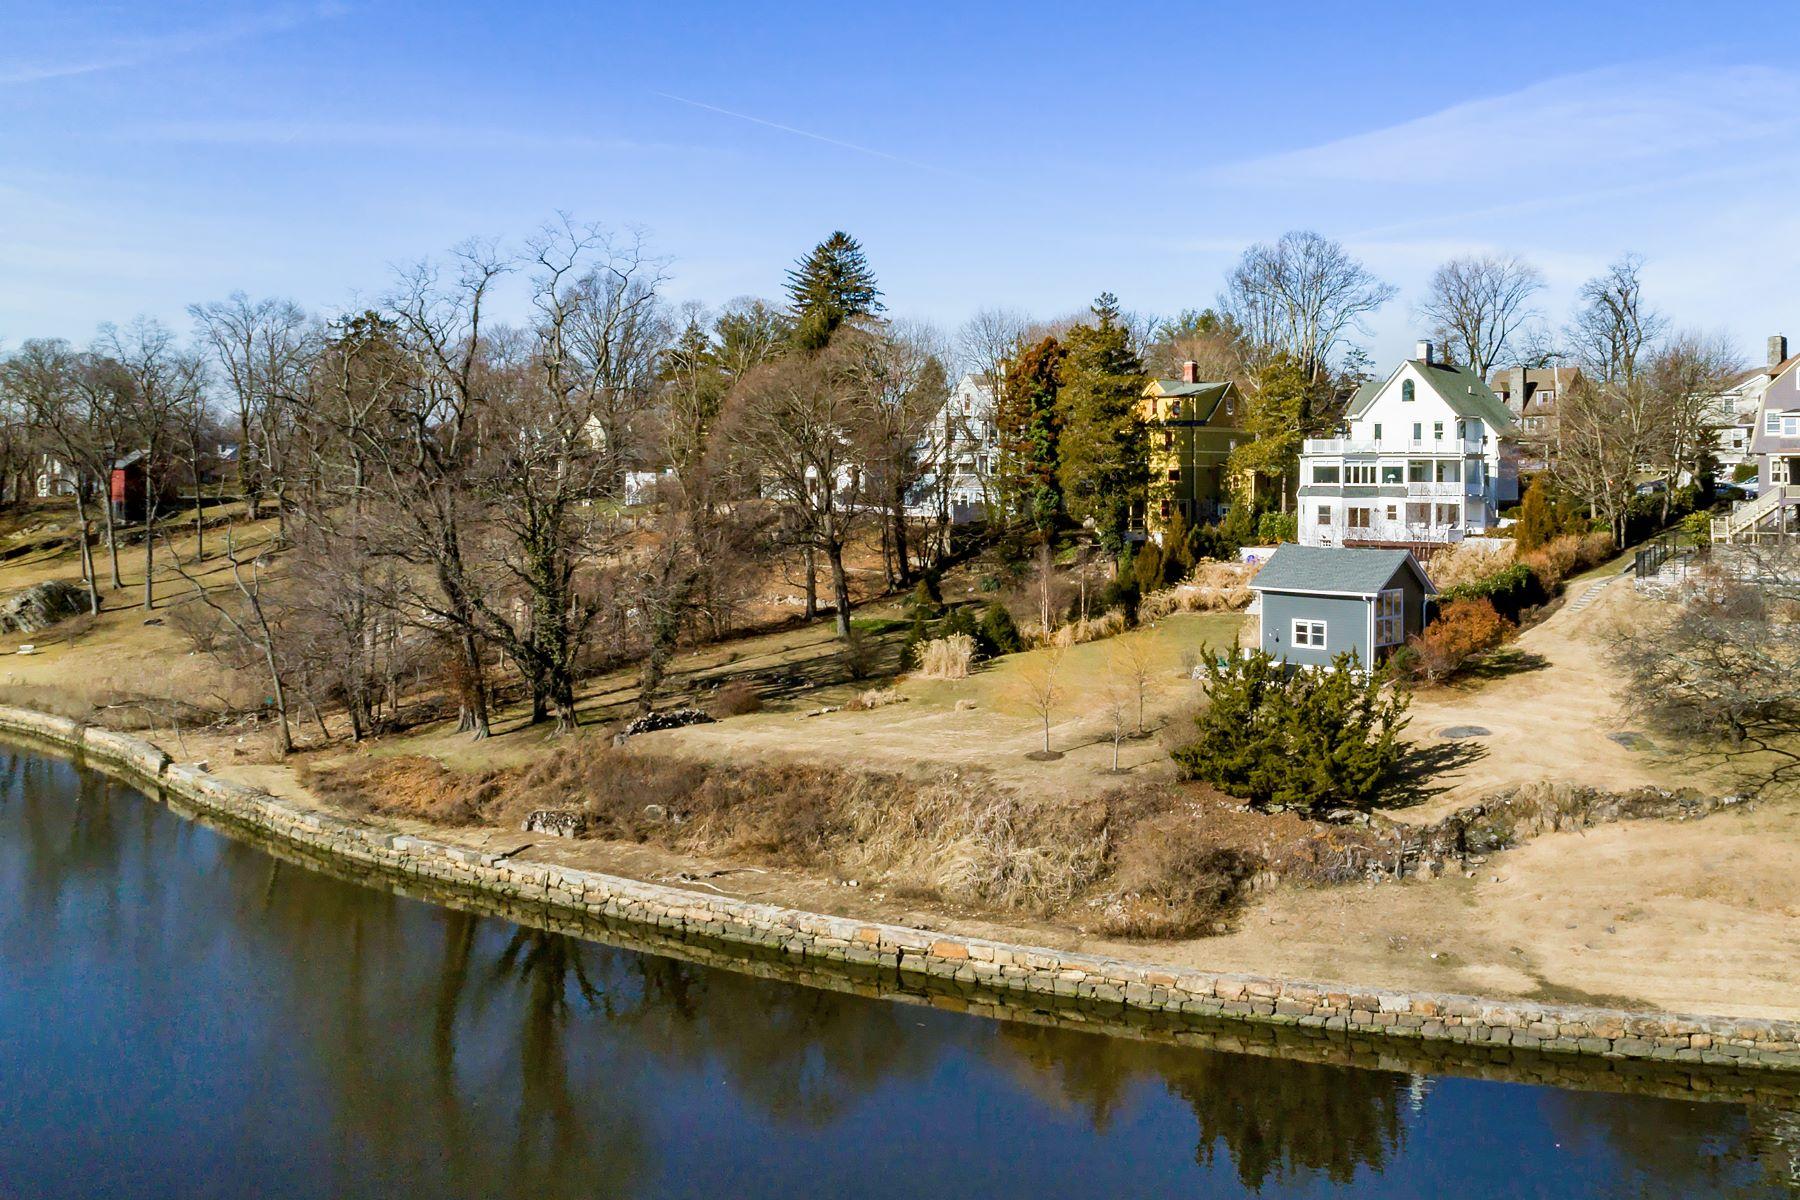 Casa Unifamiliar por un Venta en Enchanting Waterfront Victorian 823 Stuart Avenue, Mamaroneck, Nueva York, 10543 Estados Unidos